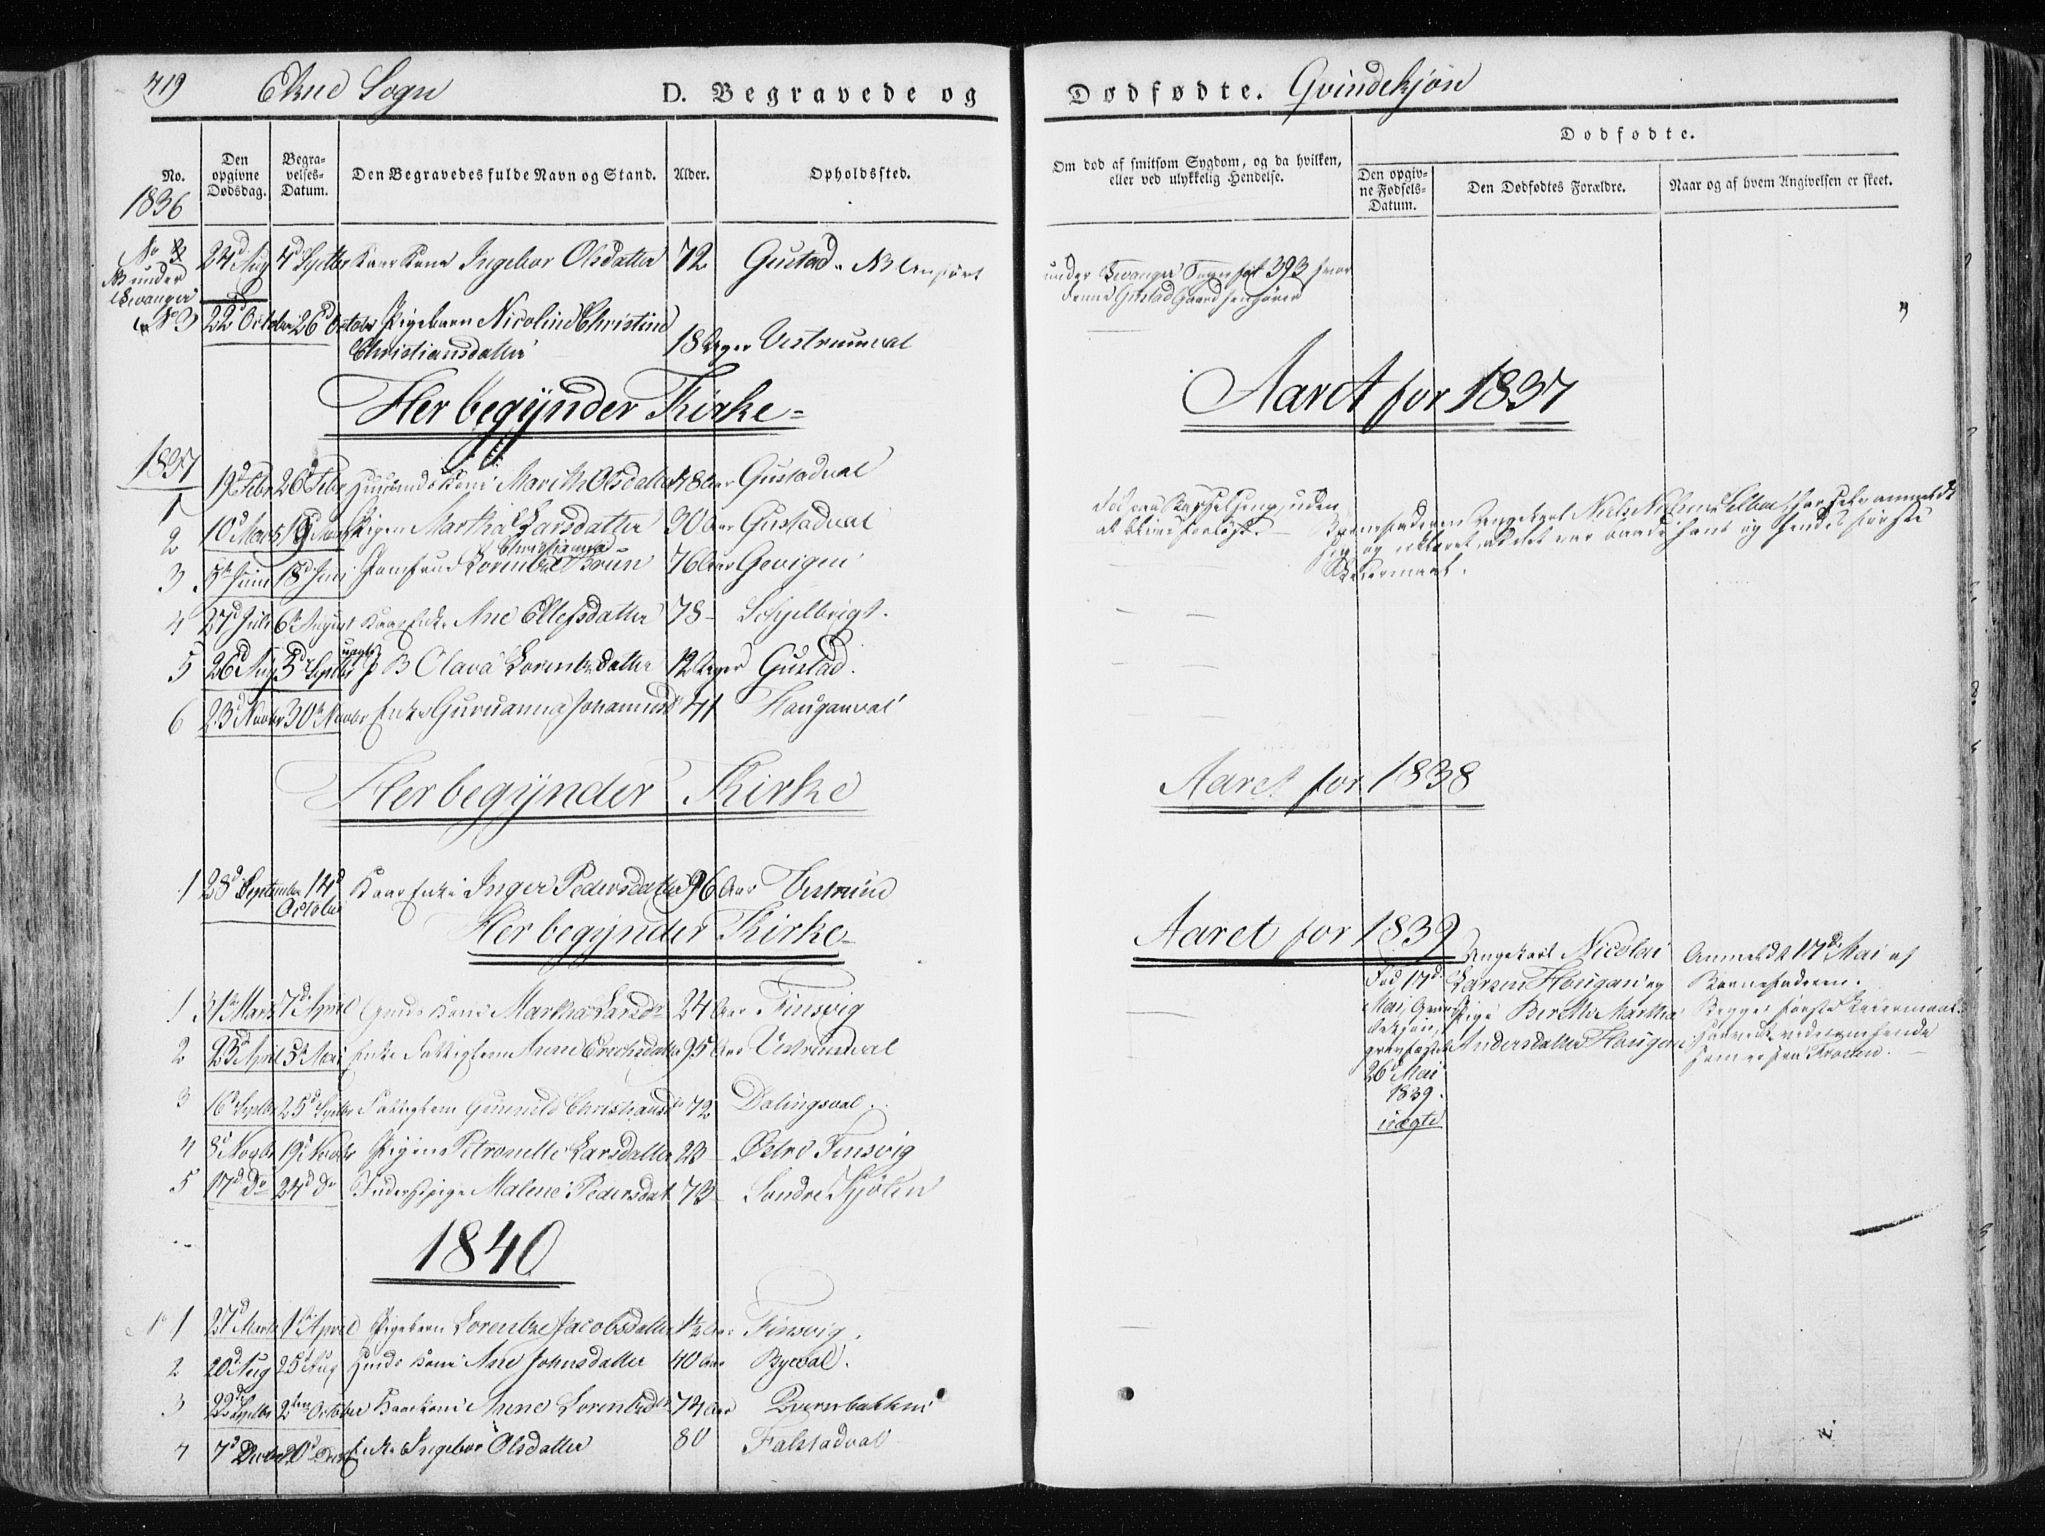 SAT, Ministerialprotokoller, klokkerbøker og fødselsregistre - Nord-Trøndelag, 717/L0154: Ministerialbok nr. 717A06 /2, 1836-1849, s. 419